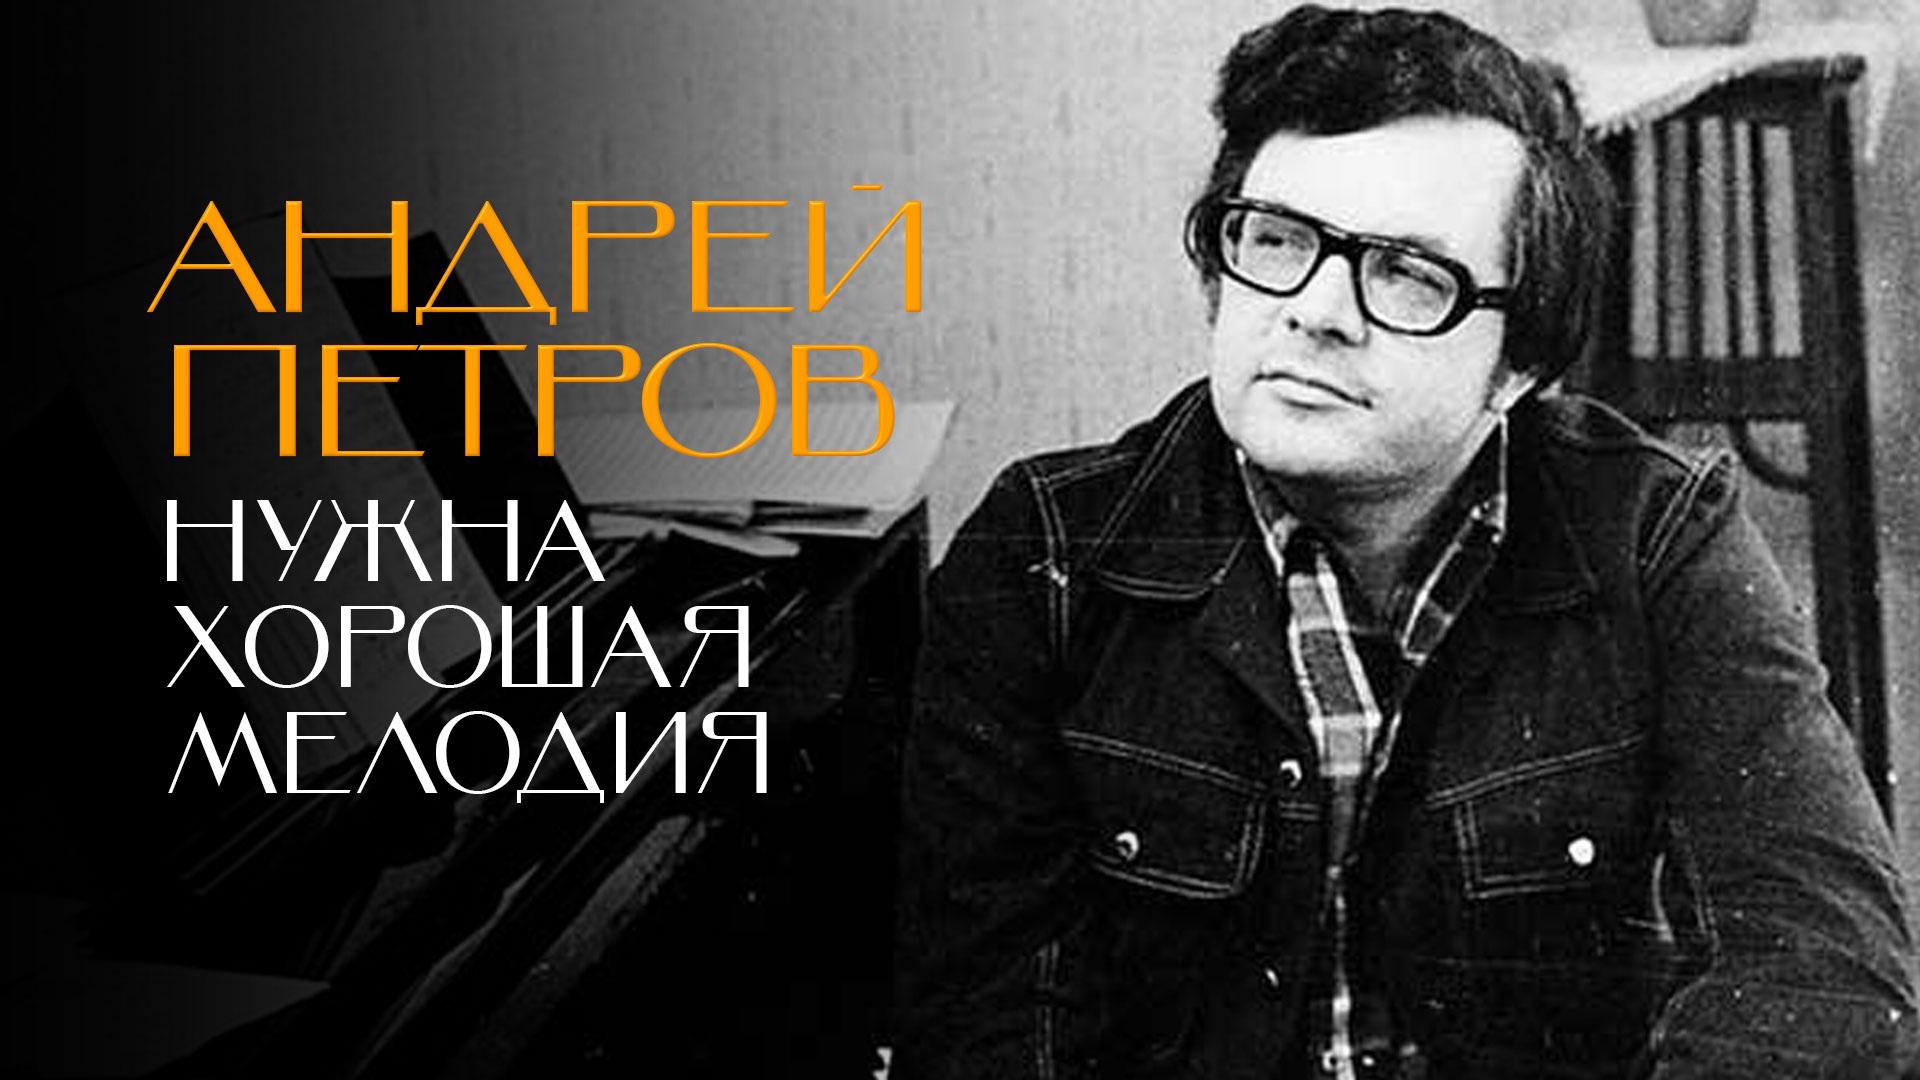 Андрей Петров. Нужна хорошая мелодия